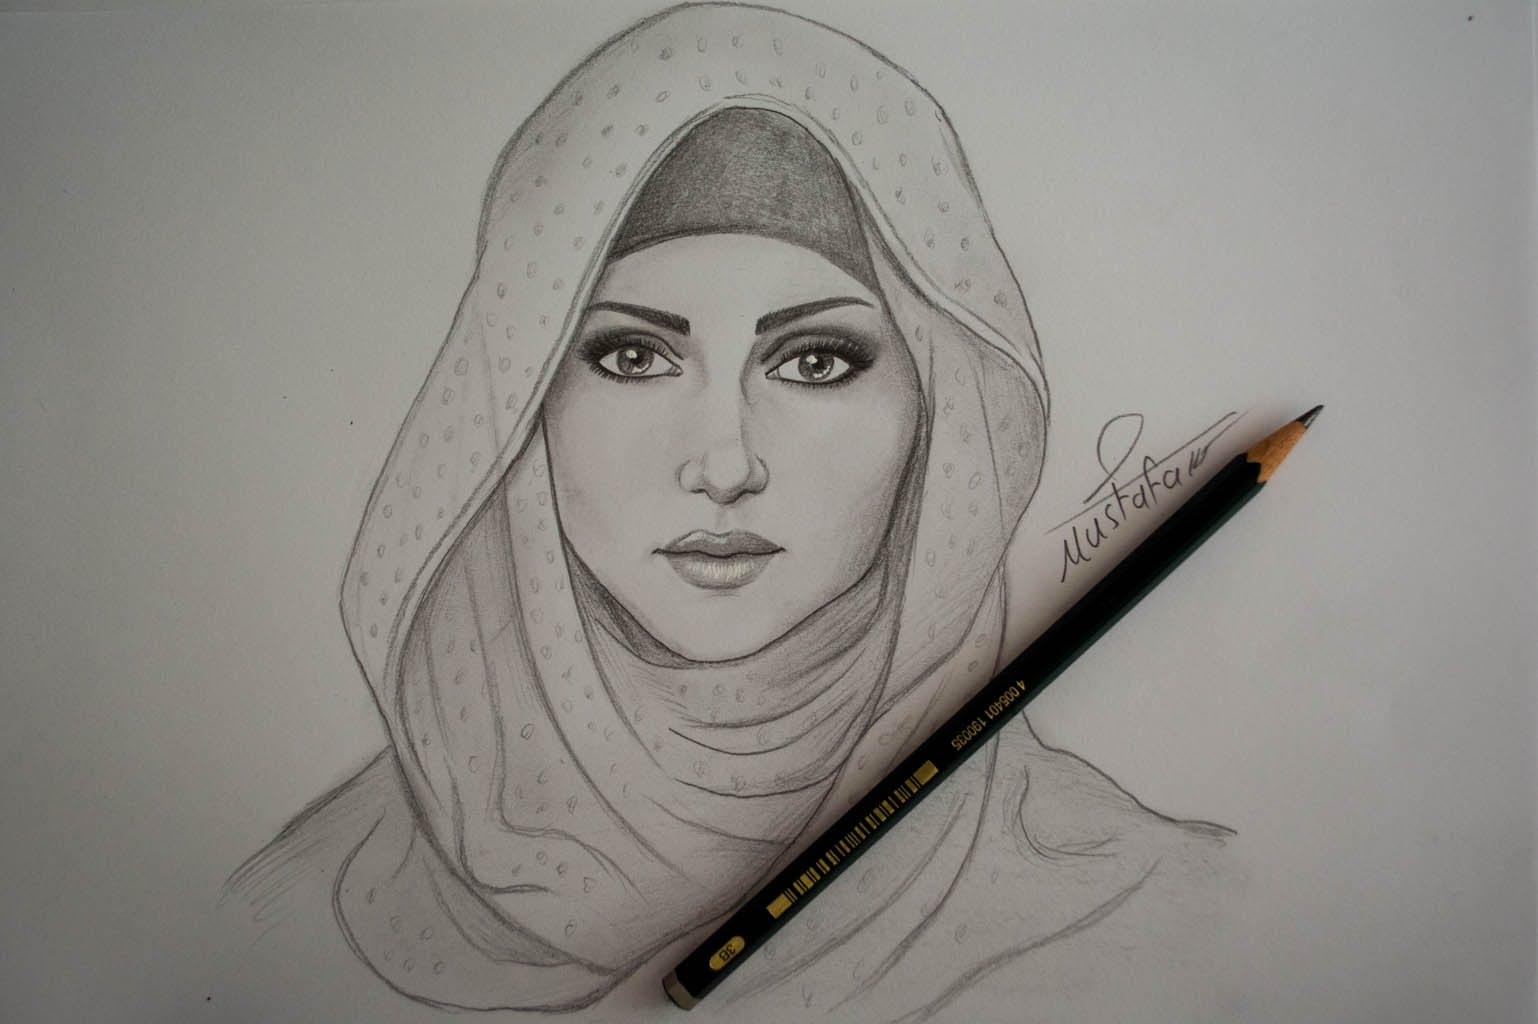 صورة اجمل الرسومات بالرصاص , رسومات بسيطه و مميزه بالقلم الرصاص